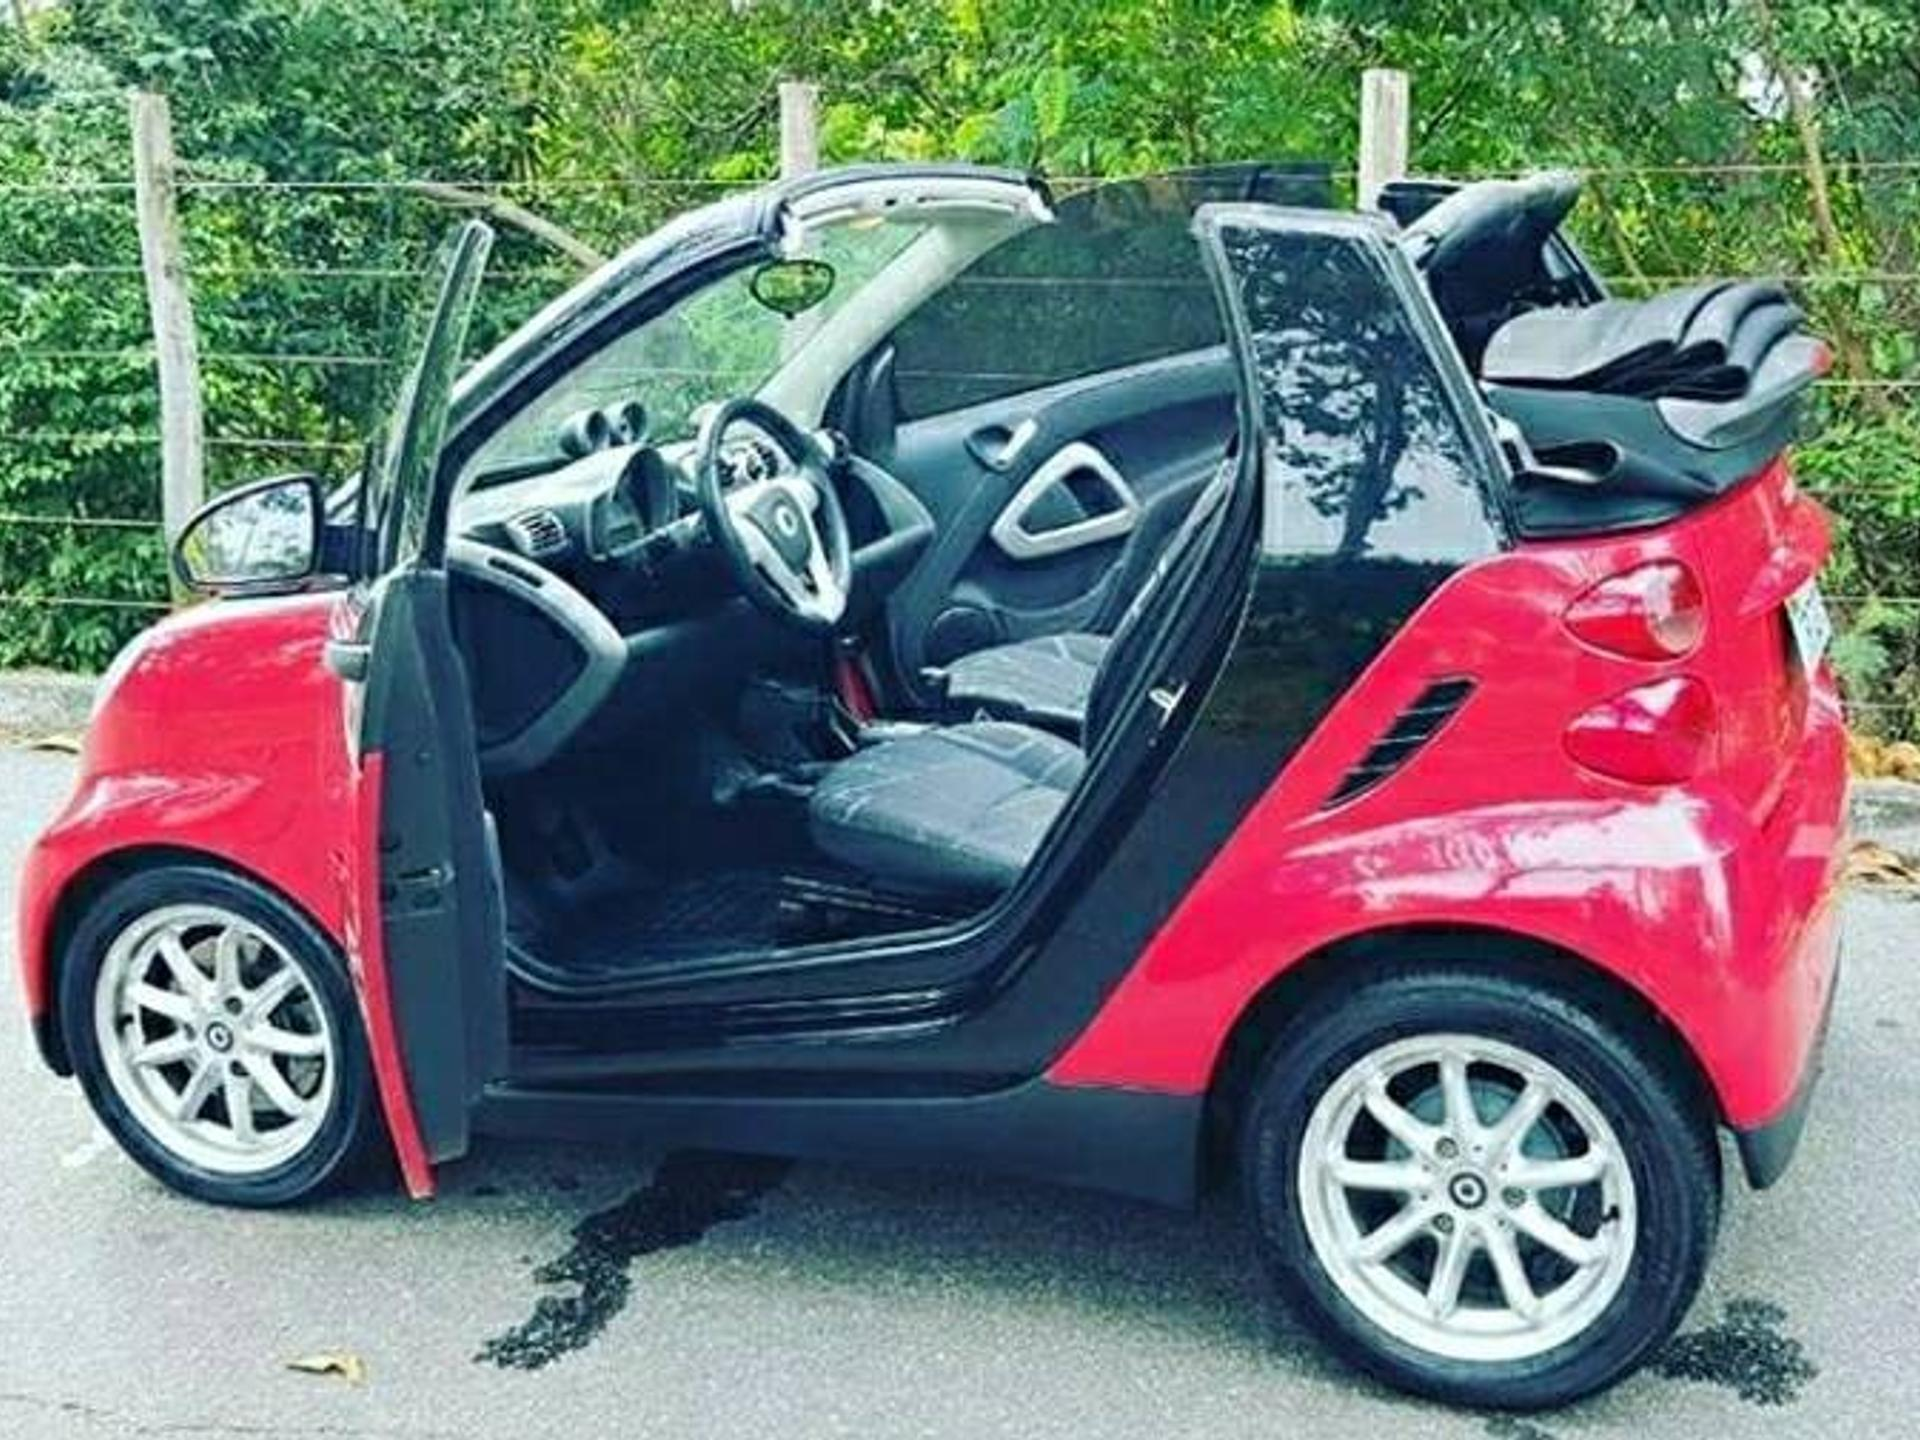 Smart Fortwo 1.0 Cabrio 3 Cilindros 12v Gasolina 2p Automatico Wmimagem23084510681